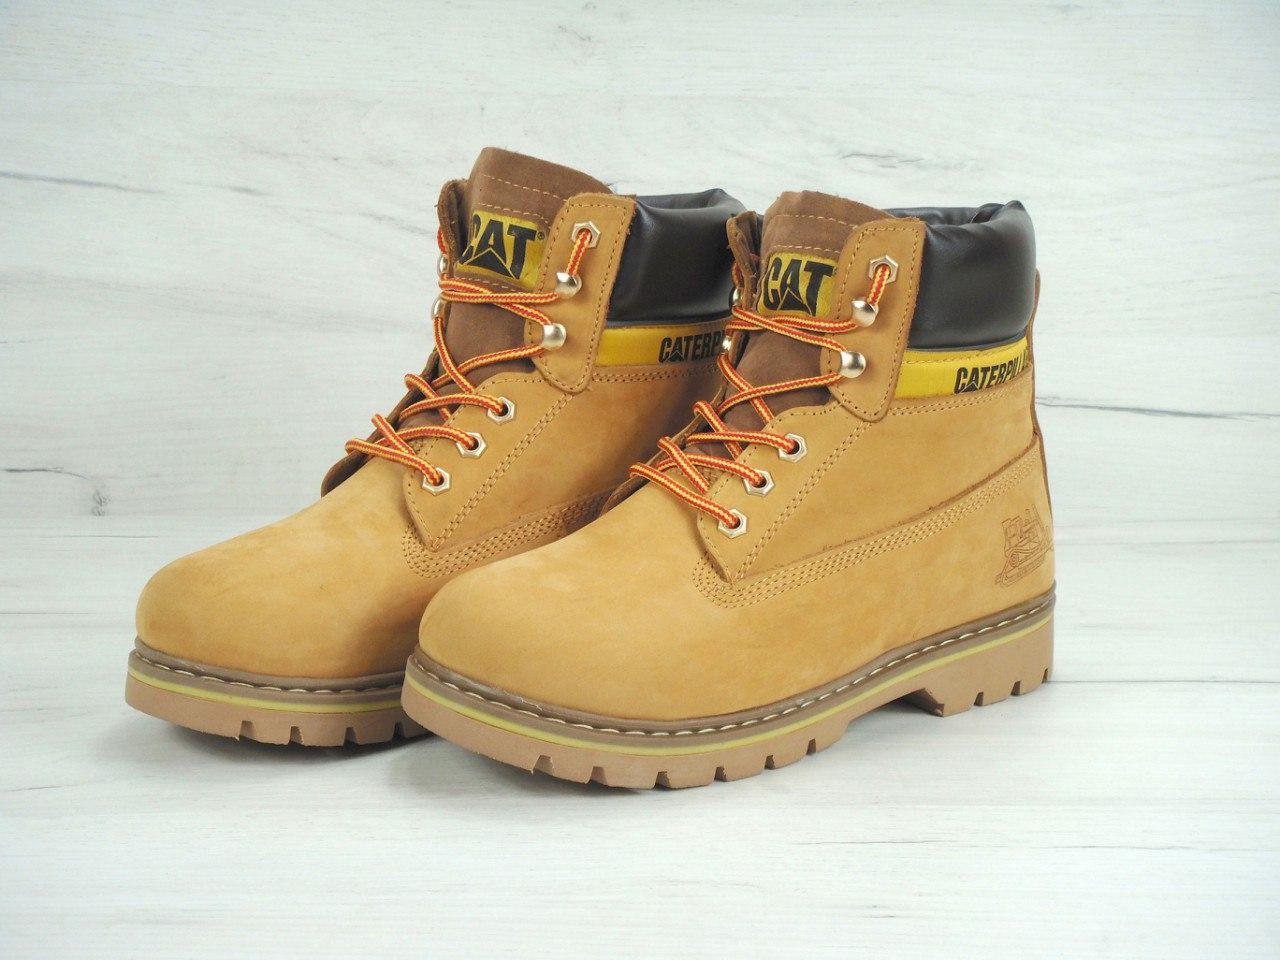 Зимние мужские ботинки Caterpillar песочные топ реплика